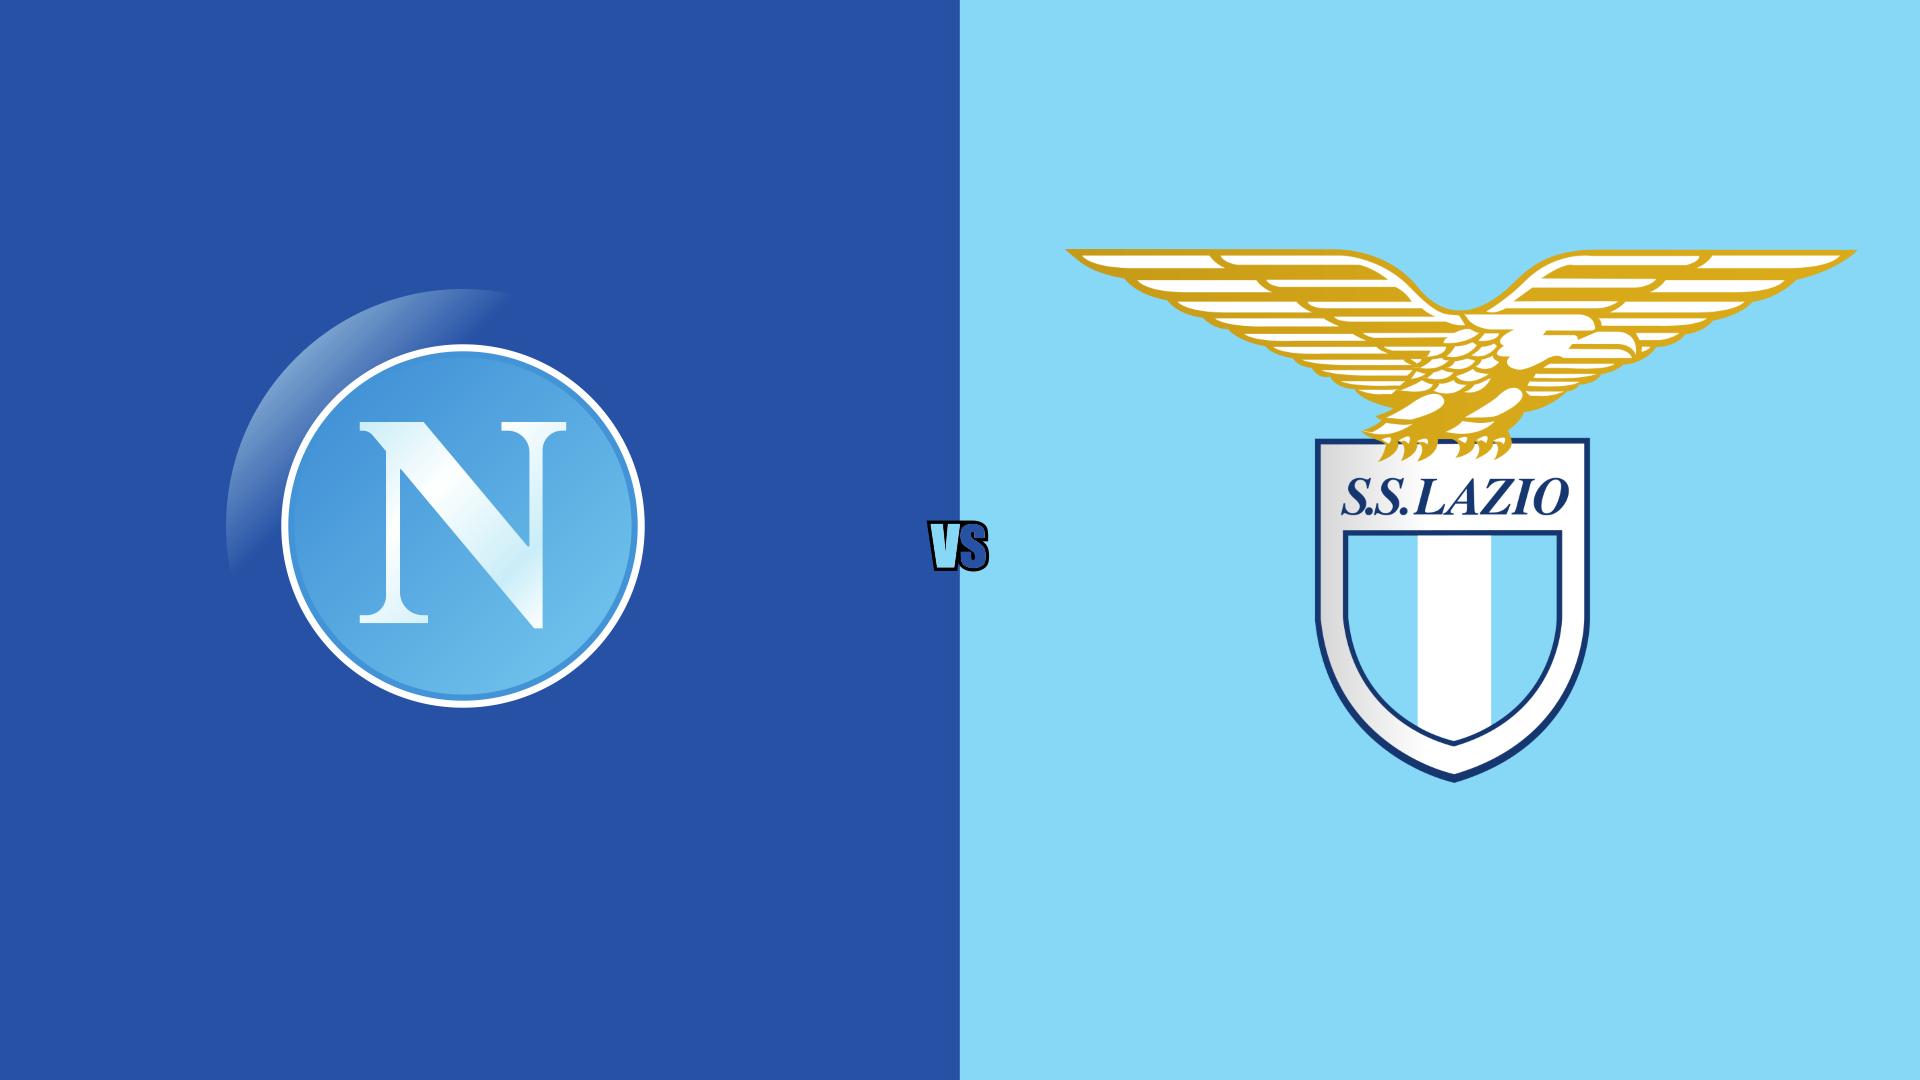 Napoli Vs Lazio Match Preview Lineups Prediction The